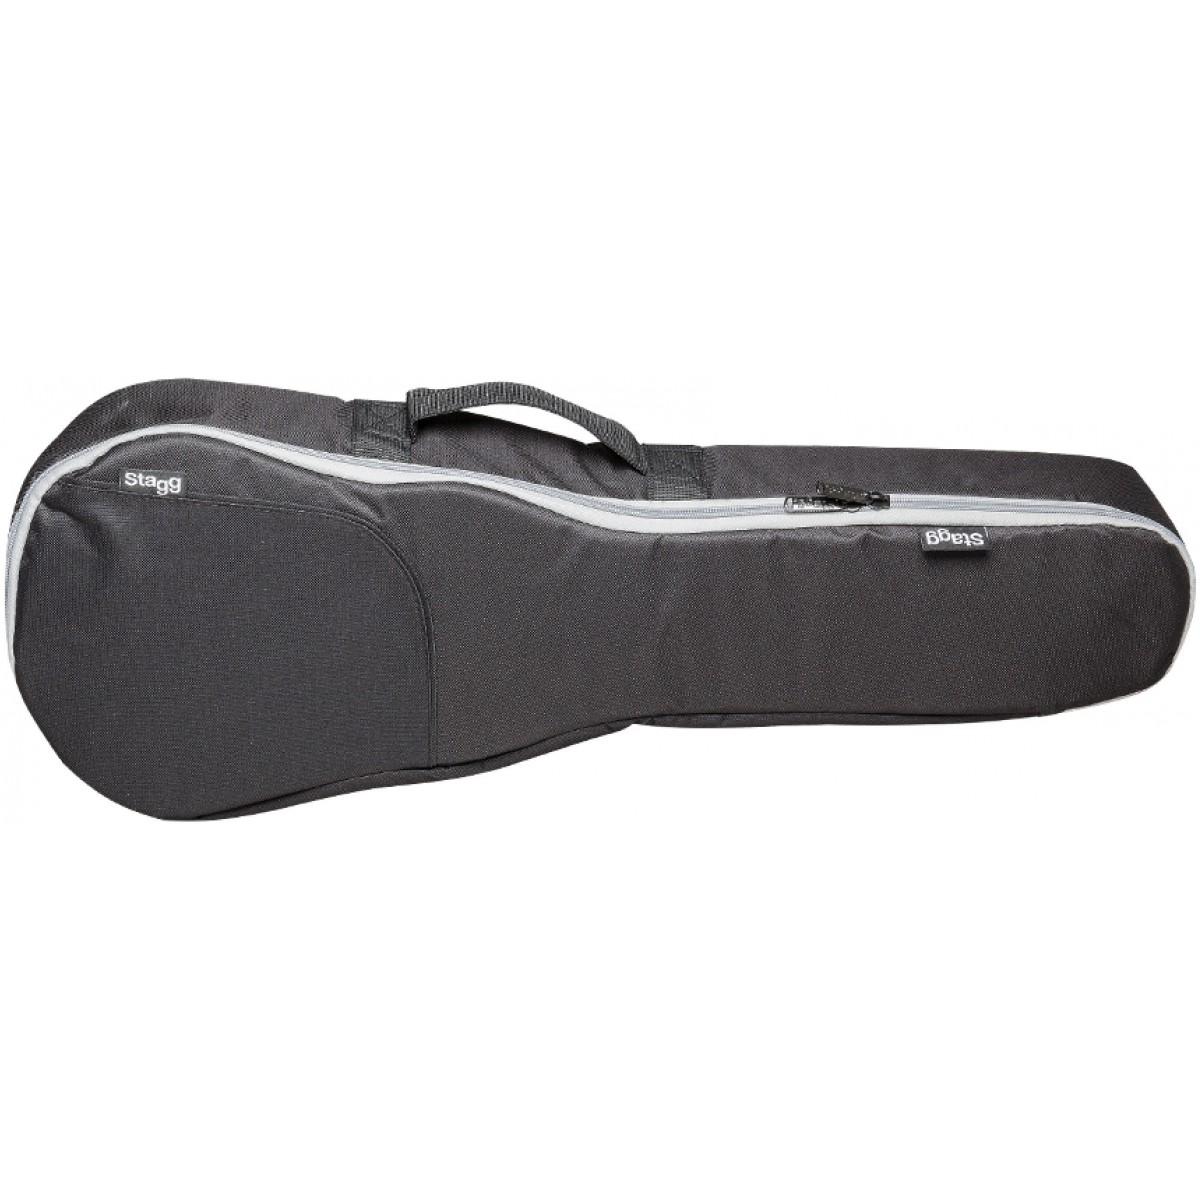 Stagg STB-10 UKT, pouzdro pro tenorové ukulele